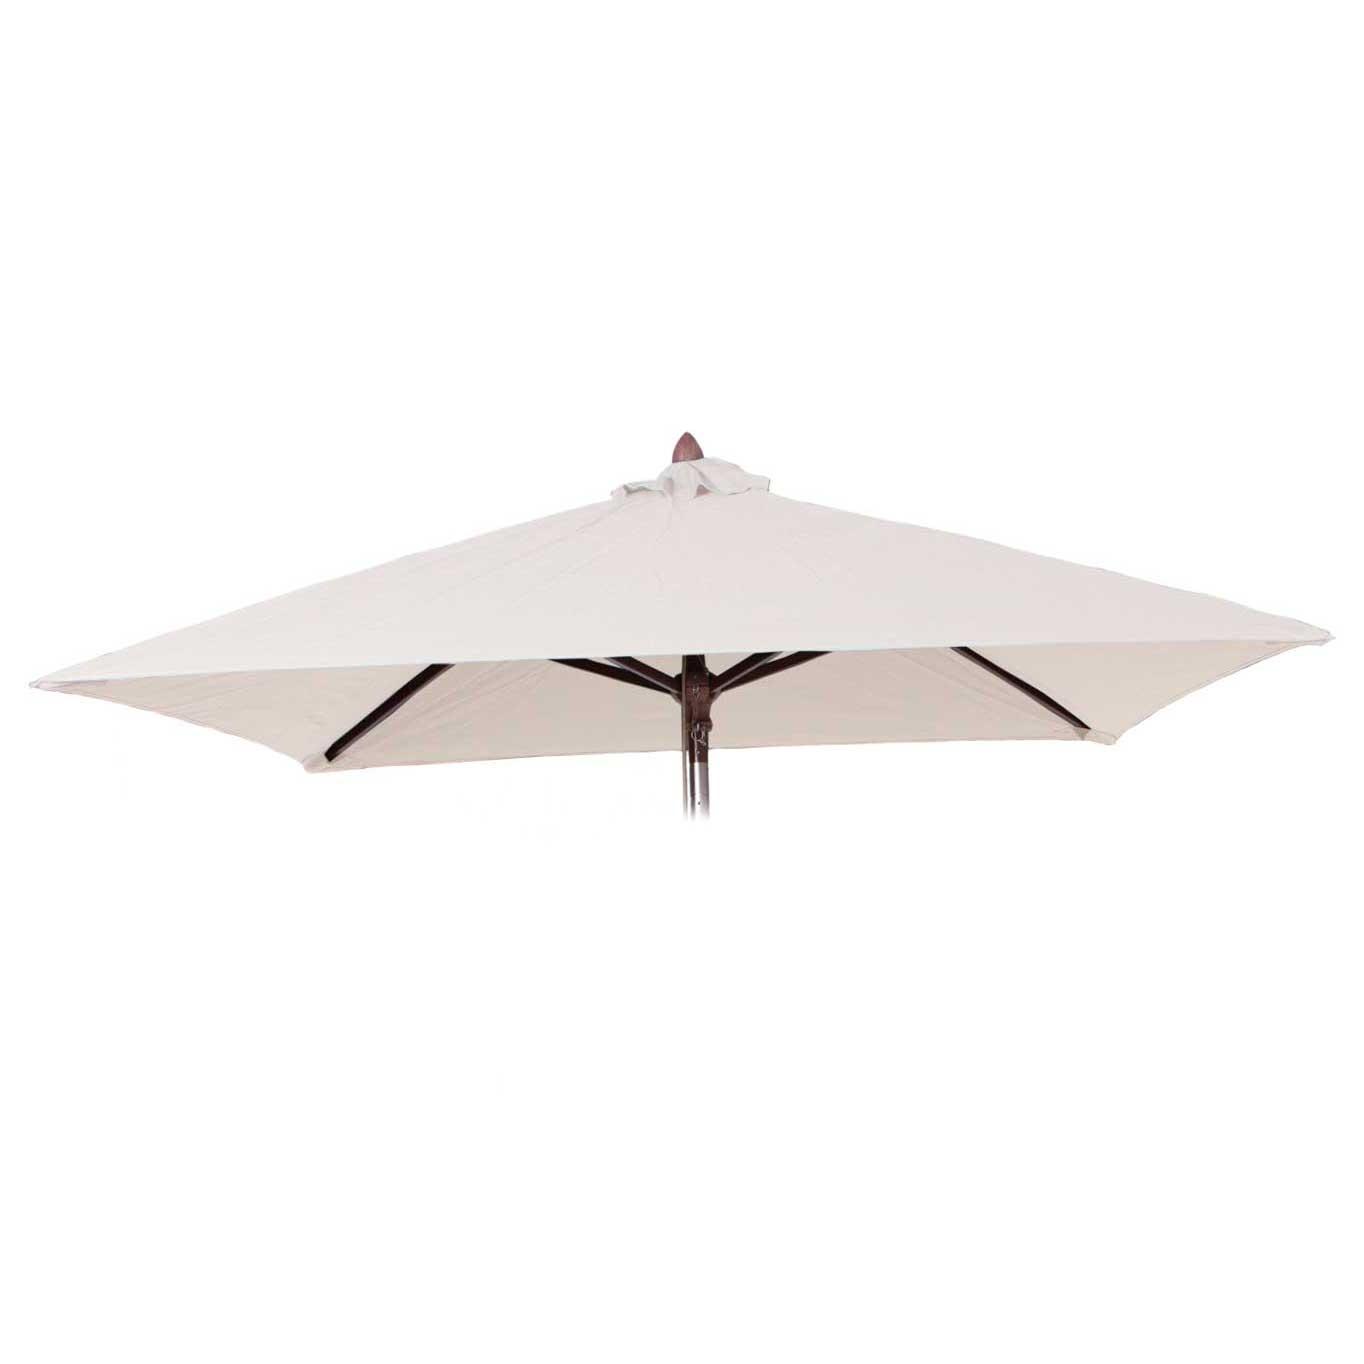 Parasoldoek Borek 200x200cm vierkant ecru (olefin)